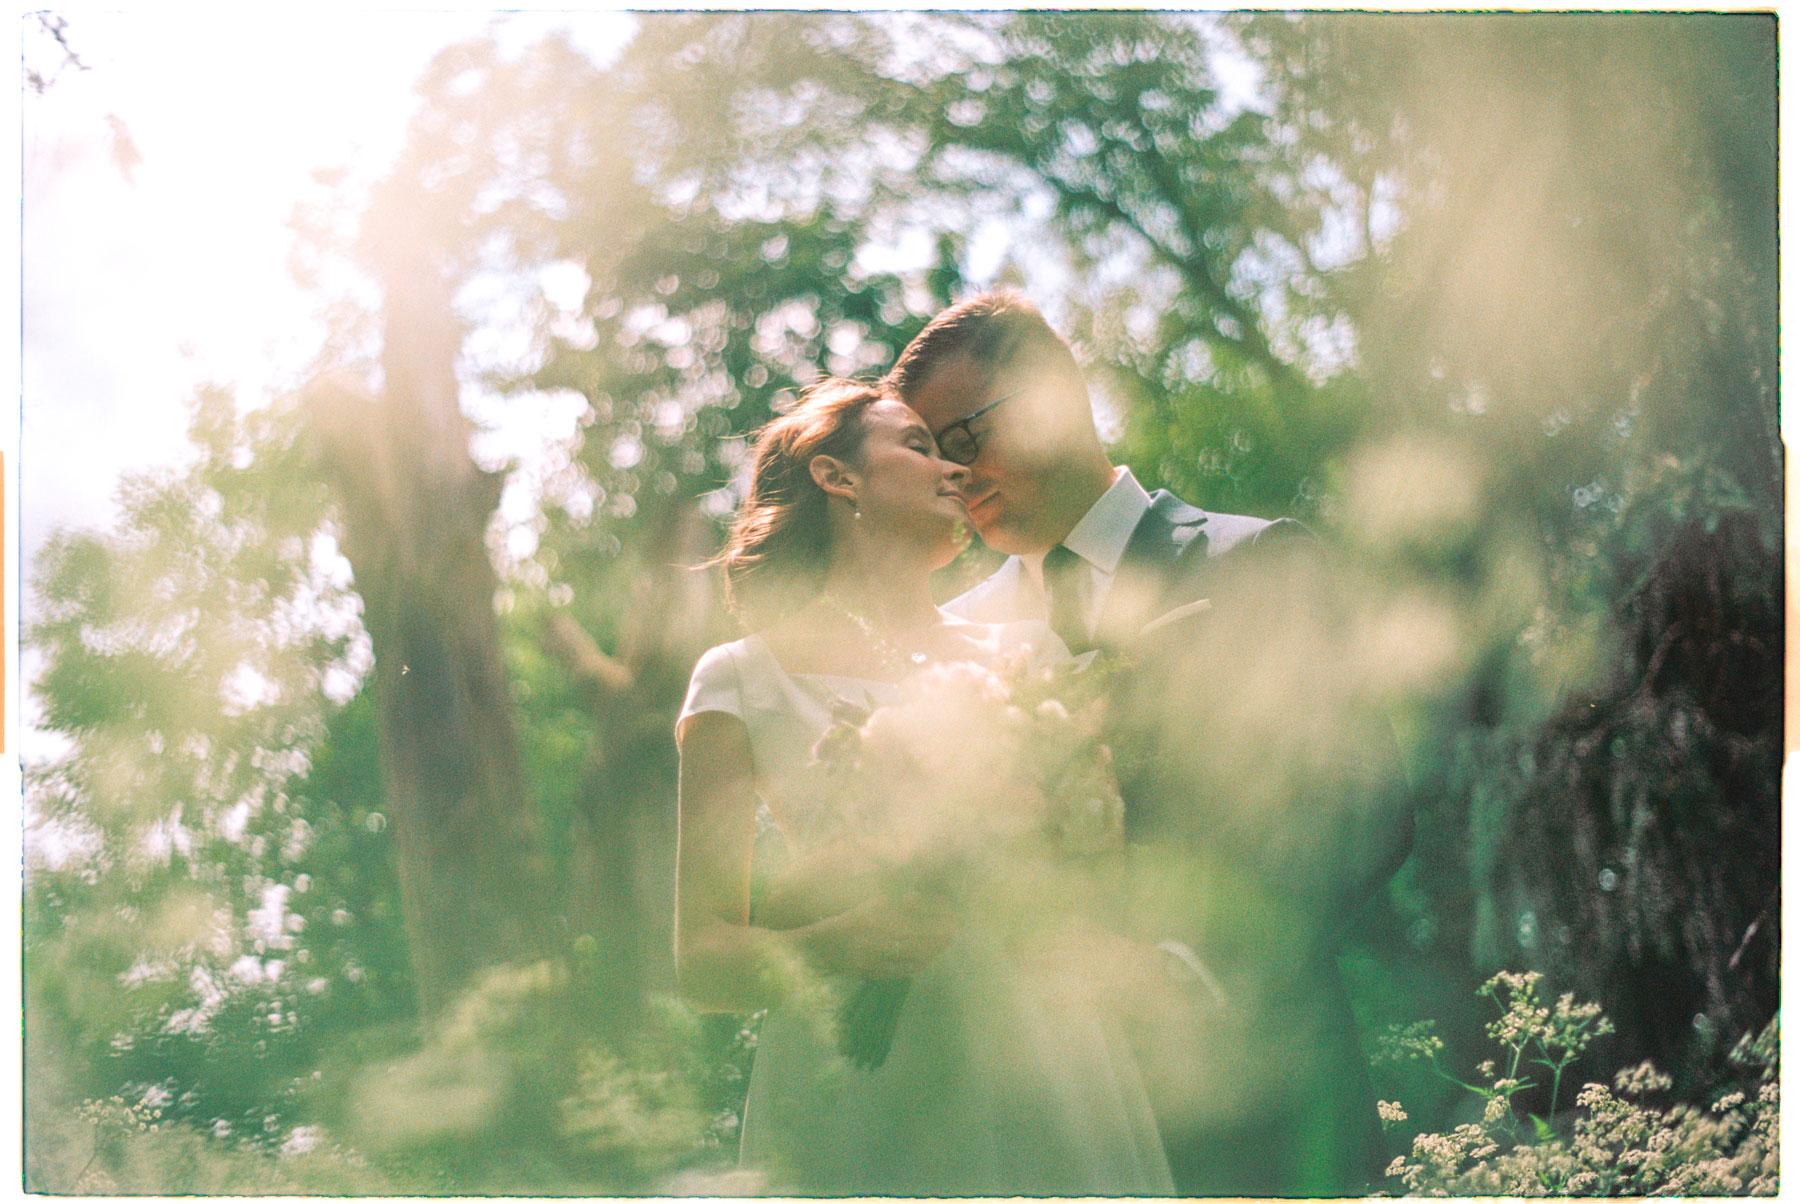 Mann og kvinne klemmer bryllup fra botanisk hage